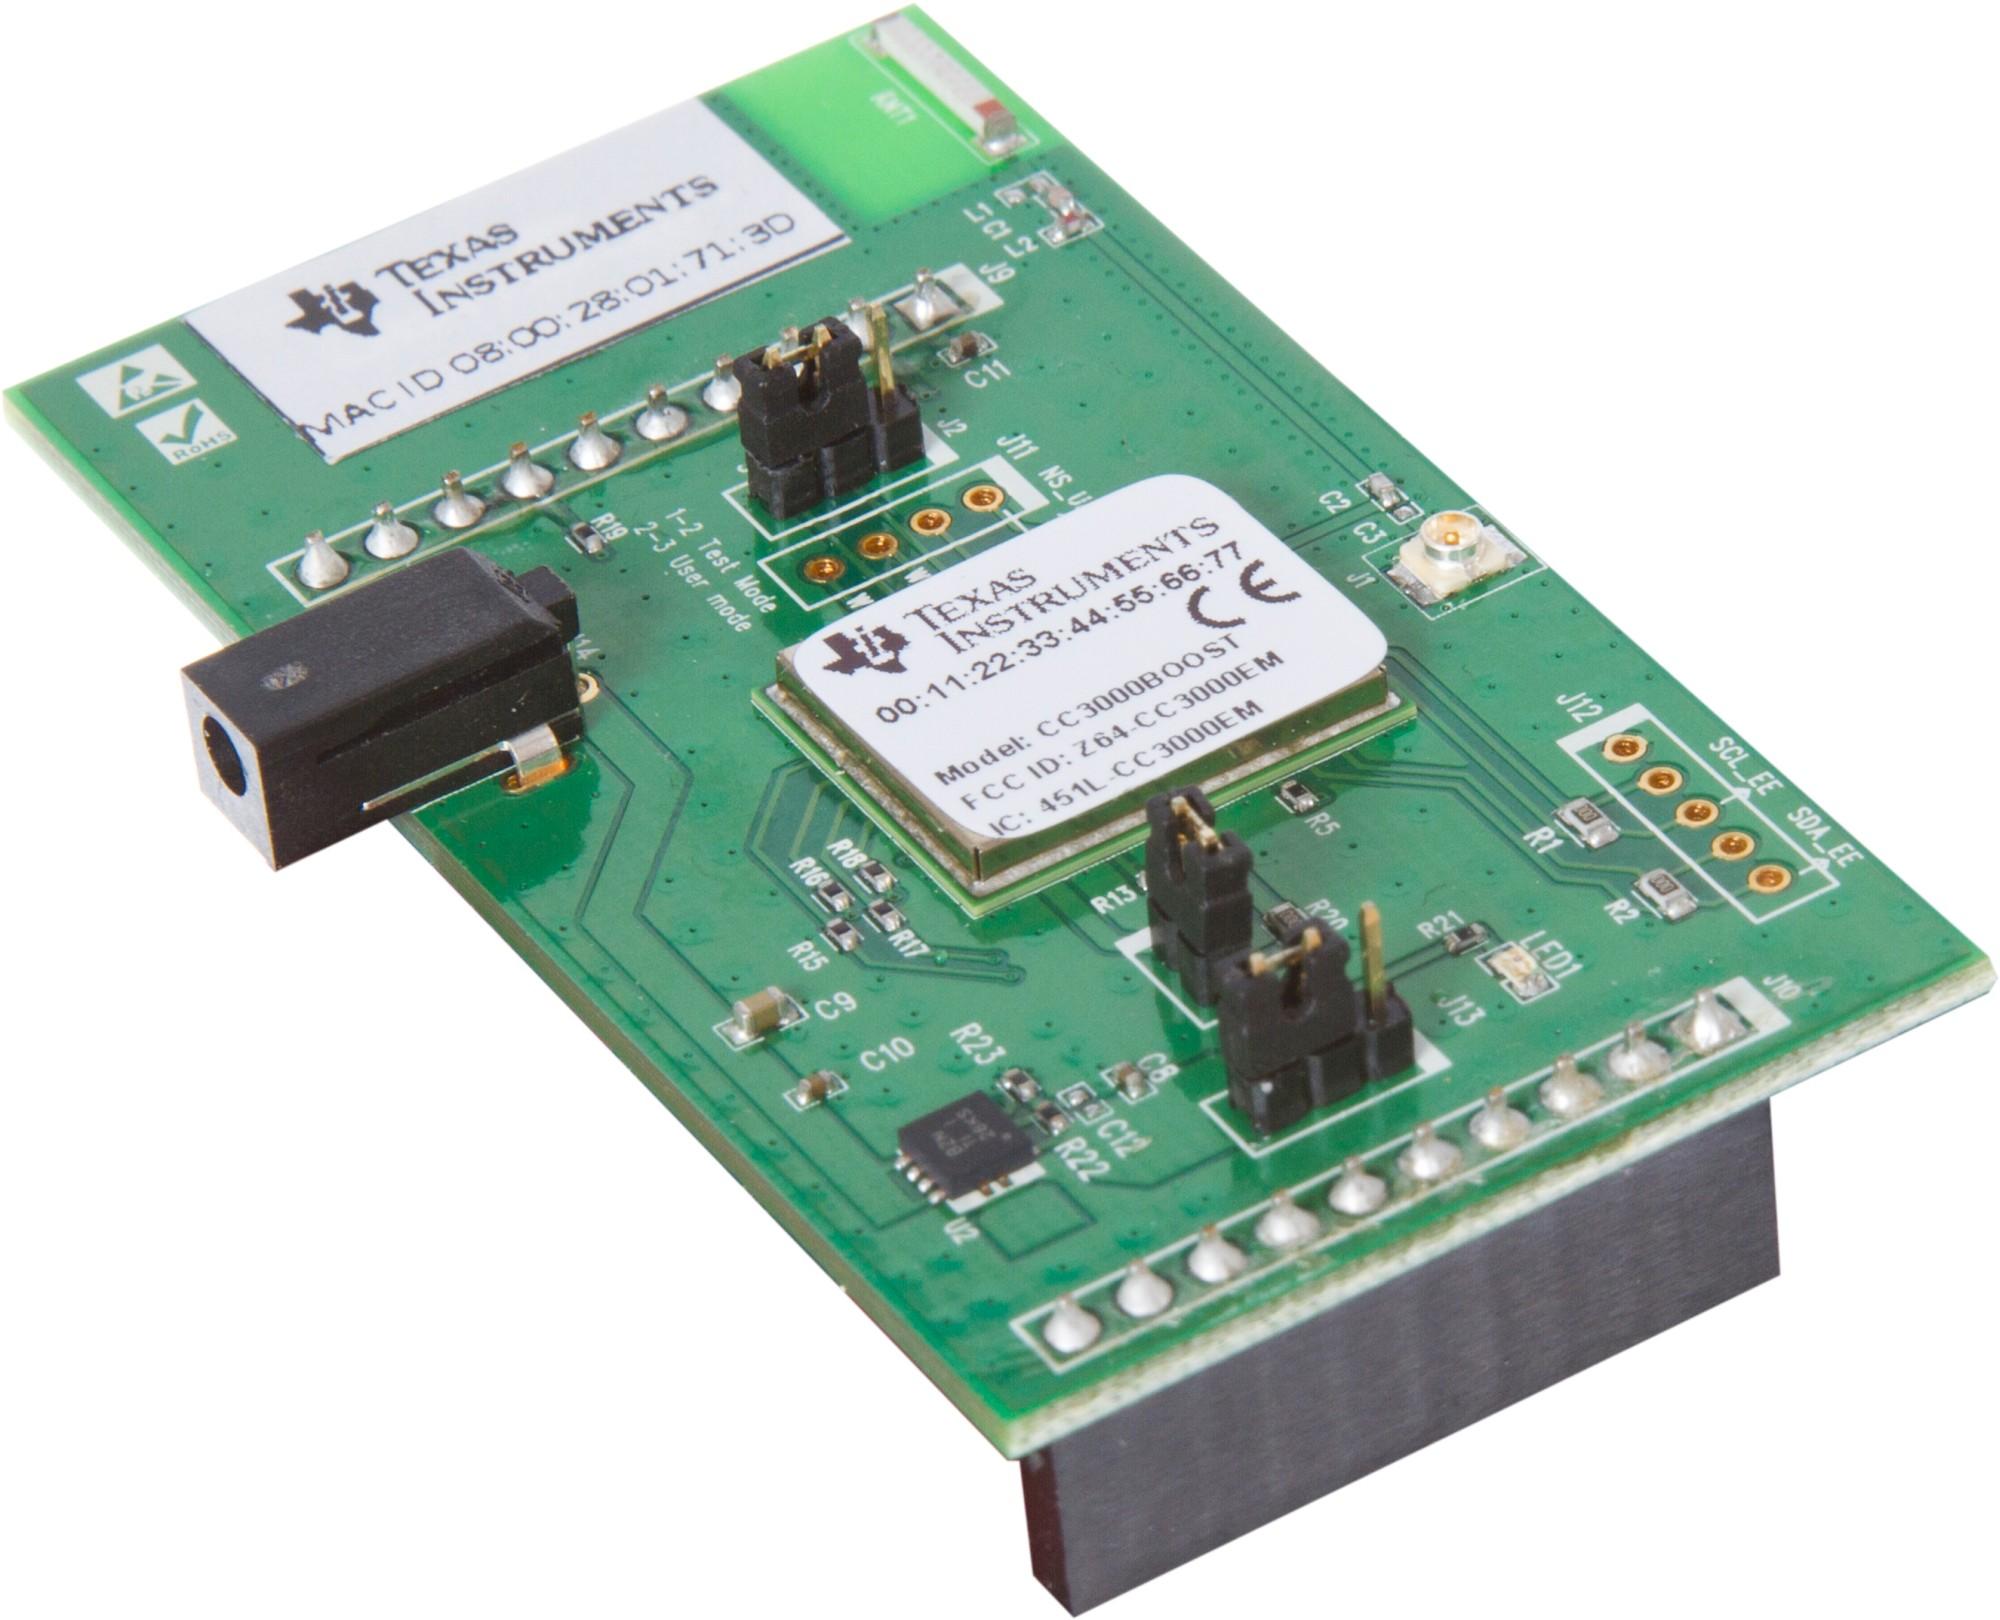 Tragbares Audio & Video Top Drahtlose Bluetooth V4.1 Empfänger Auto Adapter 3,5 Mm Stereo Ausgang Tragbare Audio Streaming Hände-freies Für Auto Home GroßE Vielfalt Funkadapter